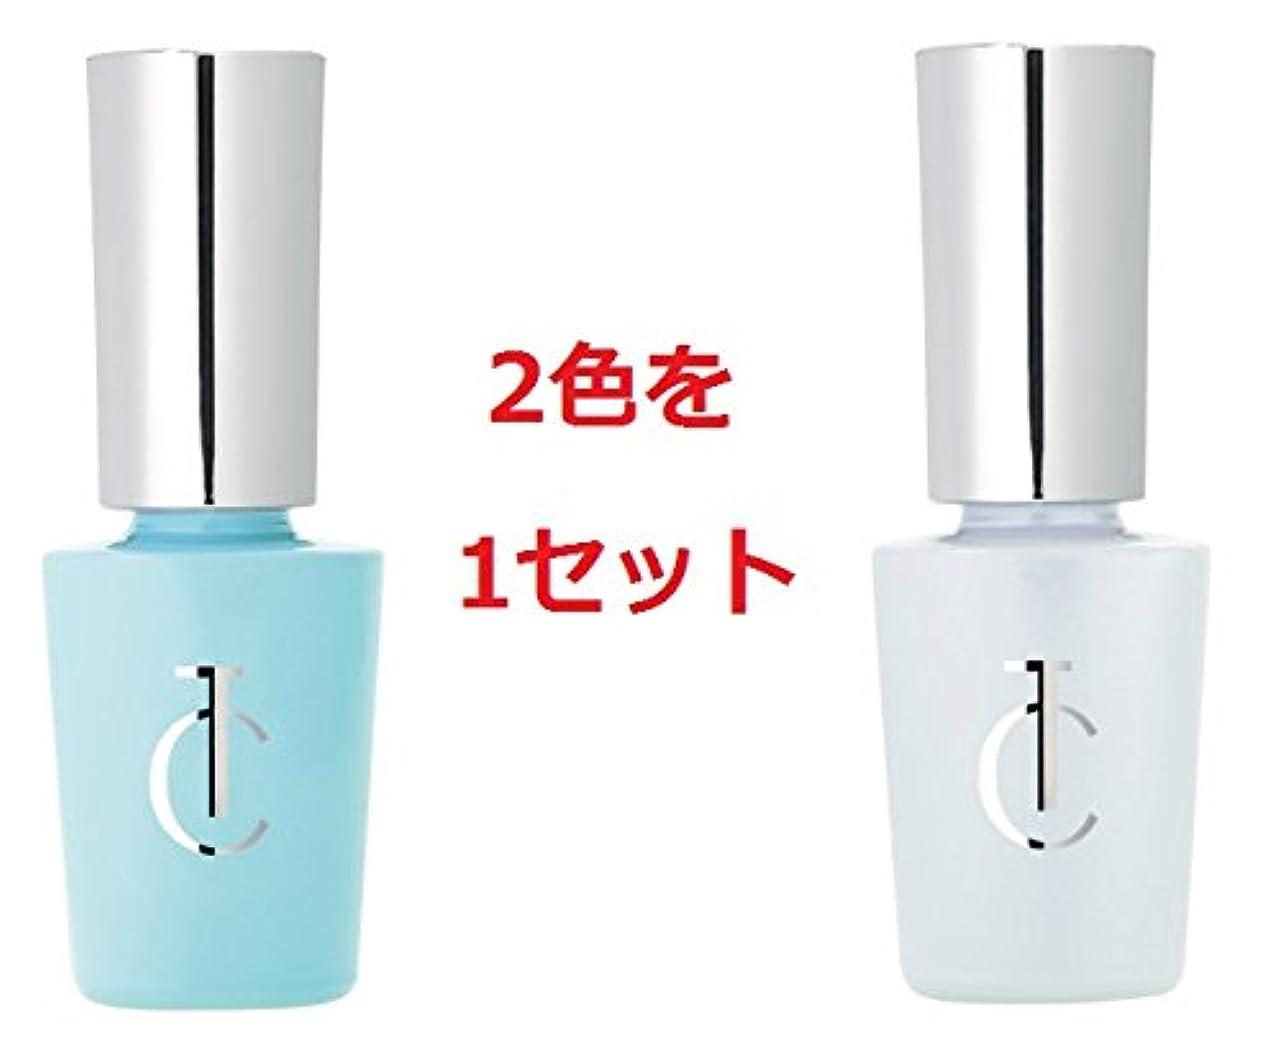 クスクスセーターTooColor アクアパール、ピュアホワイト2色セット品 [口腔化粧品 歯のマニキュア]マイクロソリューション